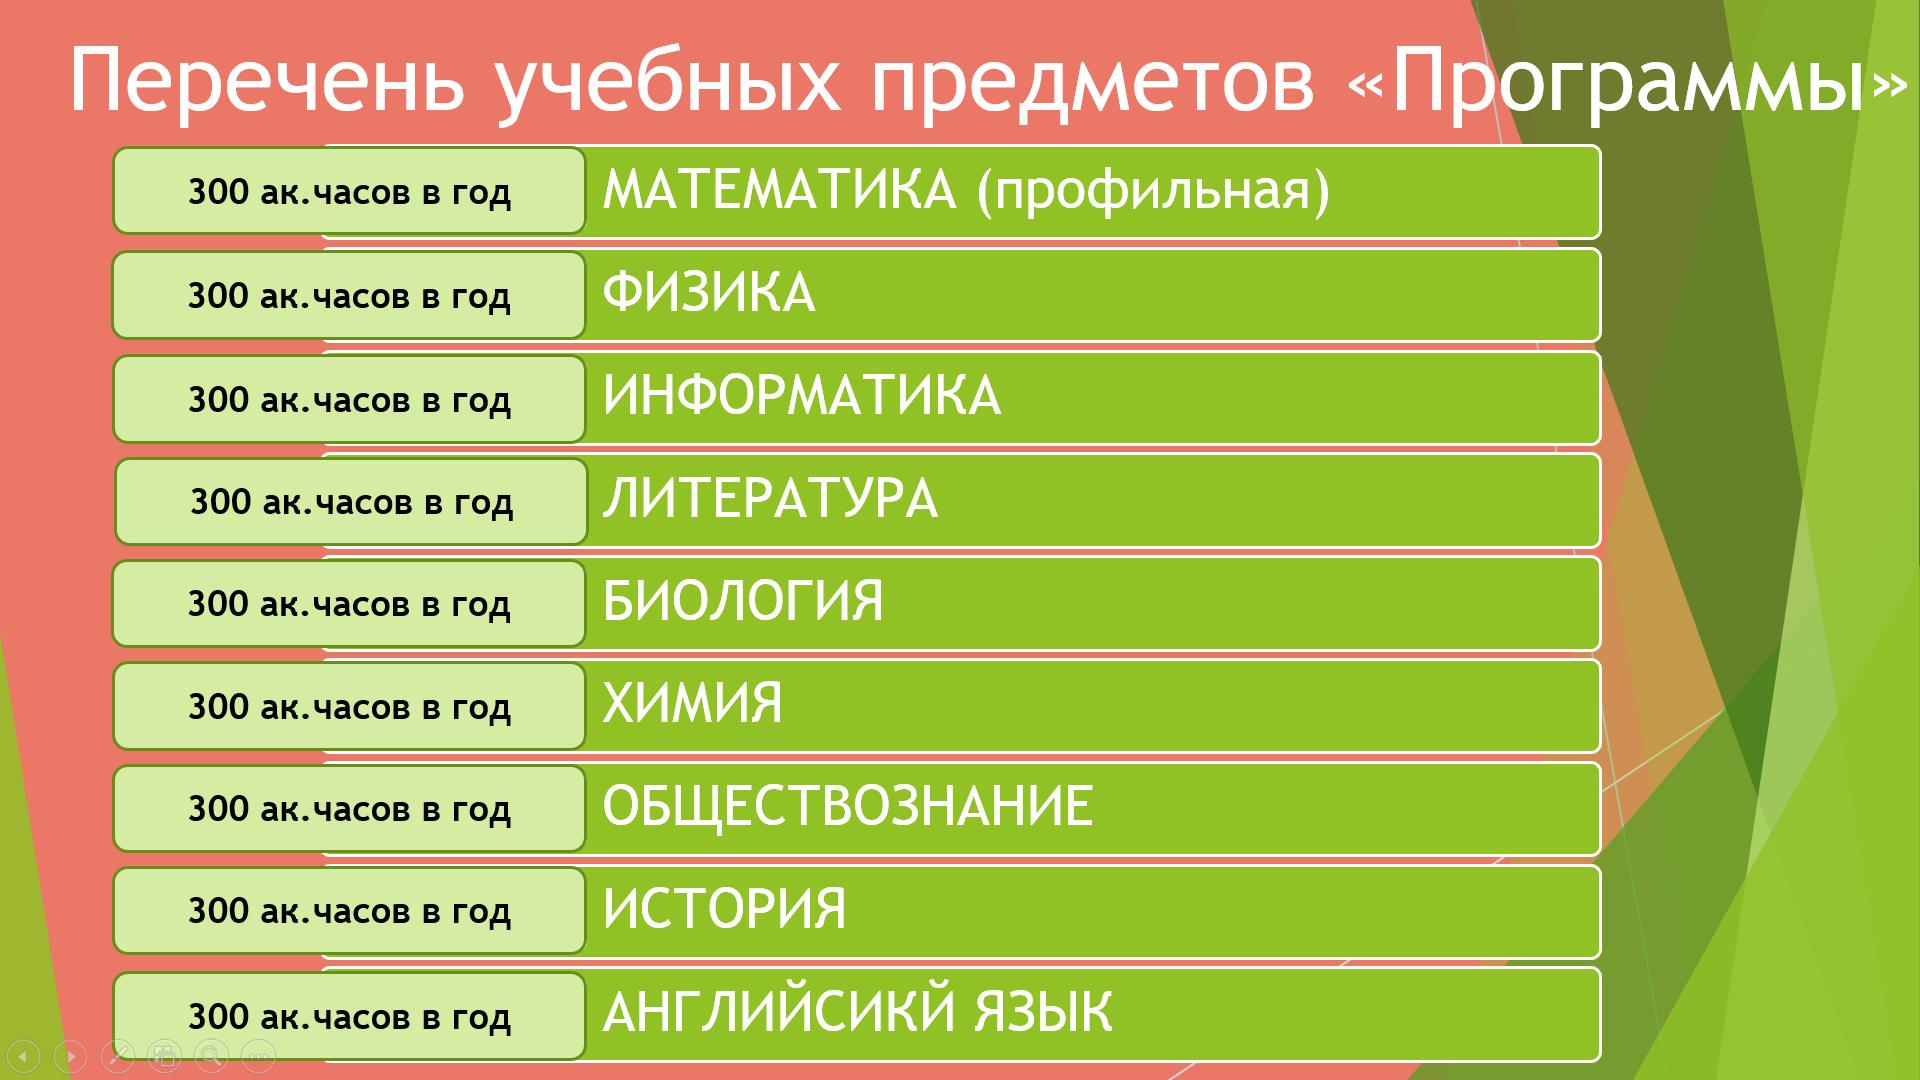 Перечень учебных предметов, включенных в «Программу софинансирования довузовской подготовки выпускников города Екатеринбурга»